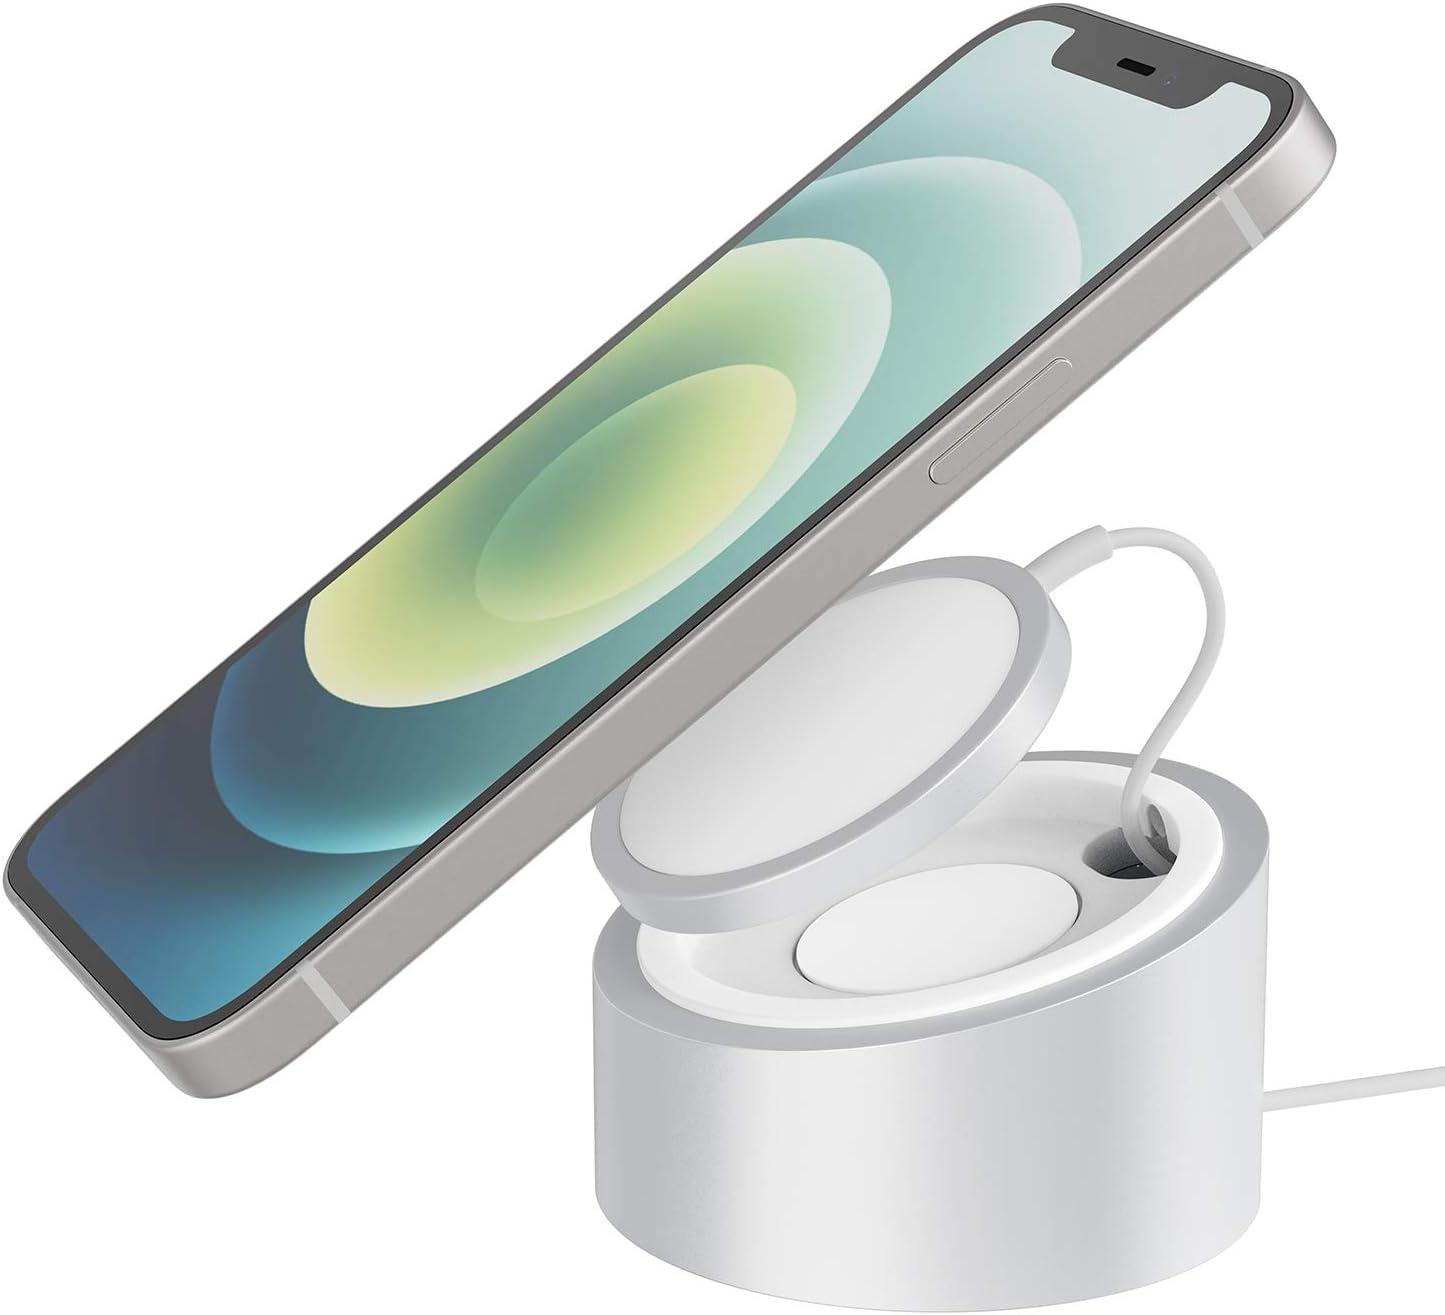 Stouch Magnetic - Soporte de Carga de 326 g, Soporte de Metal, Compatible con Cargador magnético mag para iPhone 12 (no Incluye Cargador mag en Paquete)